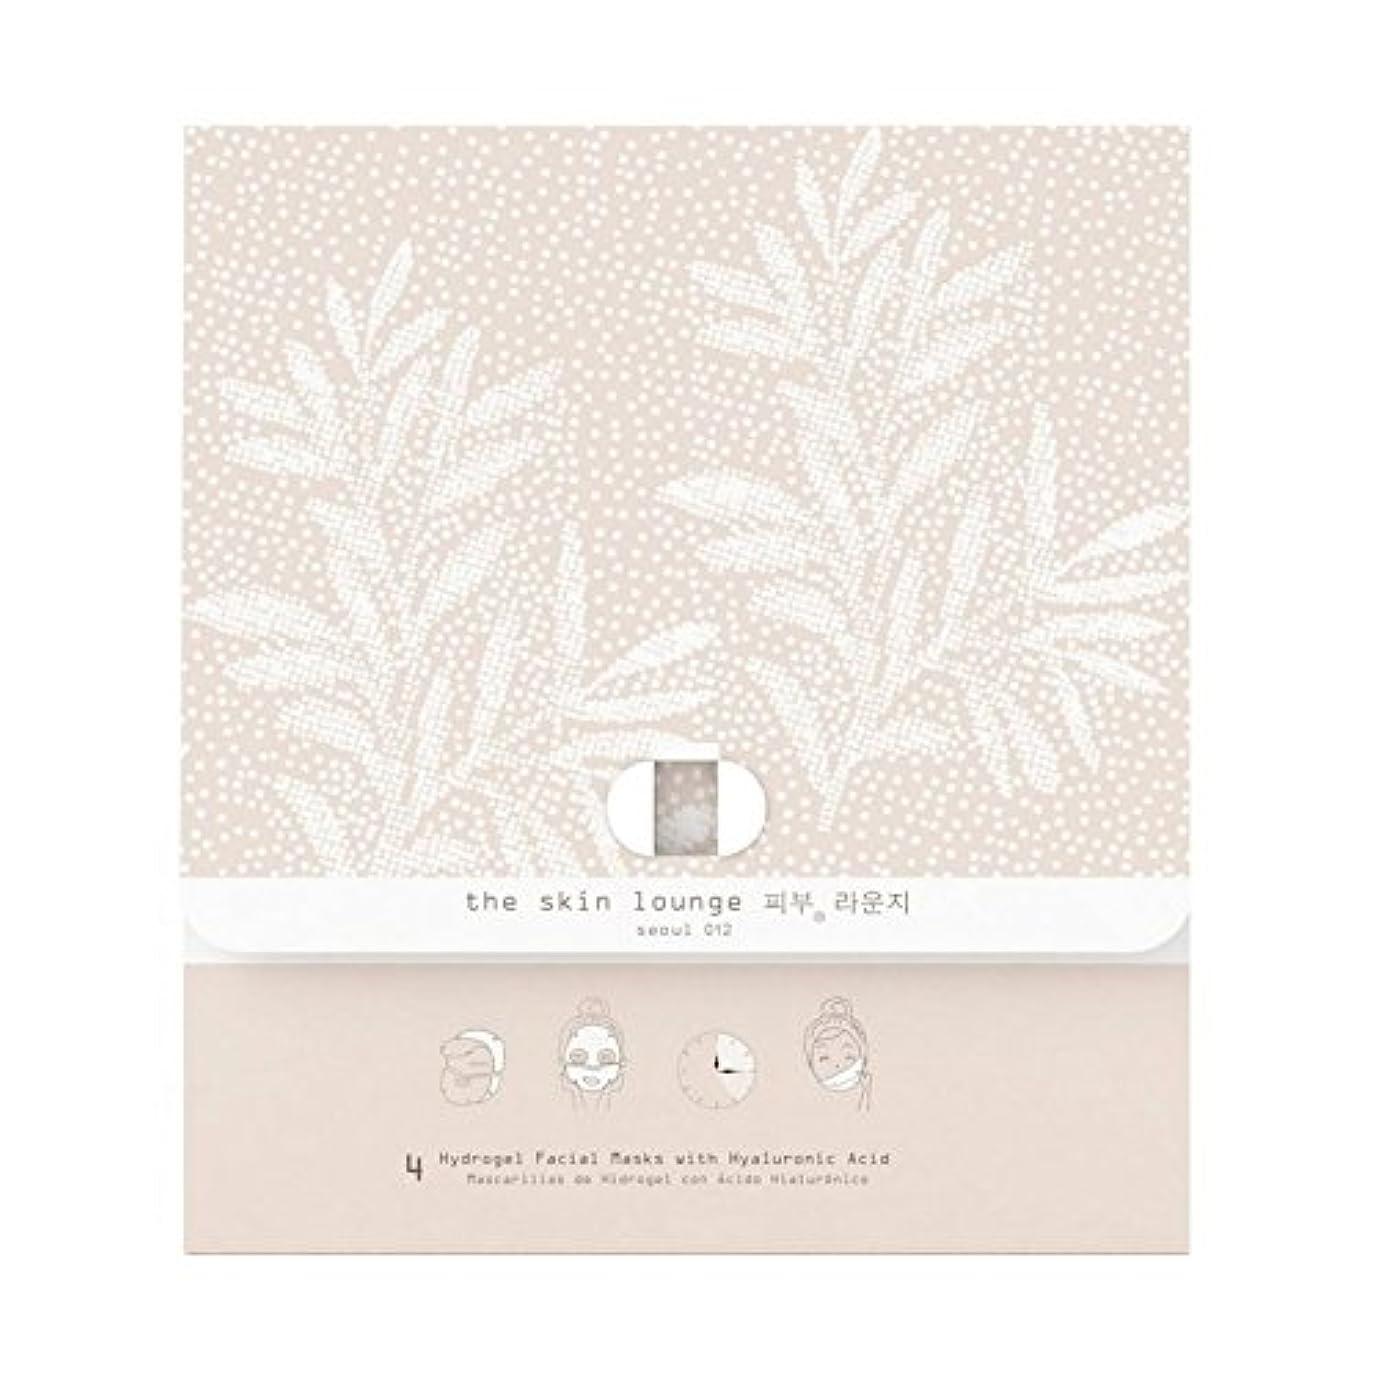 宣言する巨大なアイデア4の皮膚ラウンジヒドロゲルヘクタールパック x4 - The Skin Lounge Hydrogel HA Pack of 4 (Pack of 4) [並行輸入品]